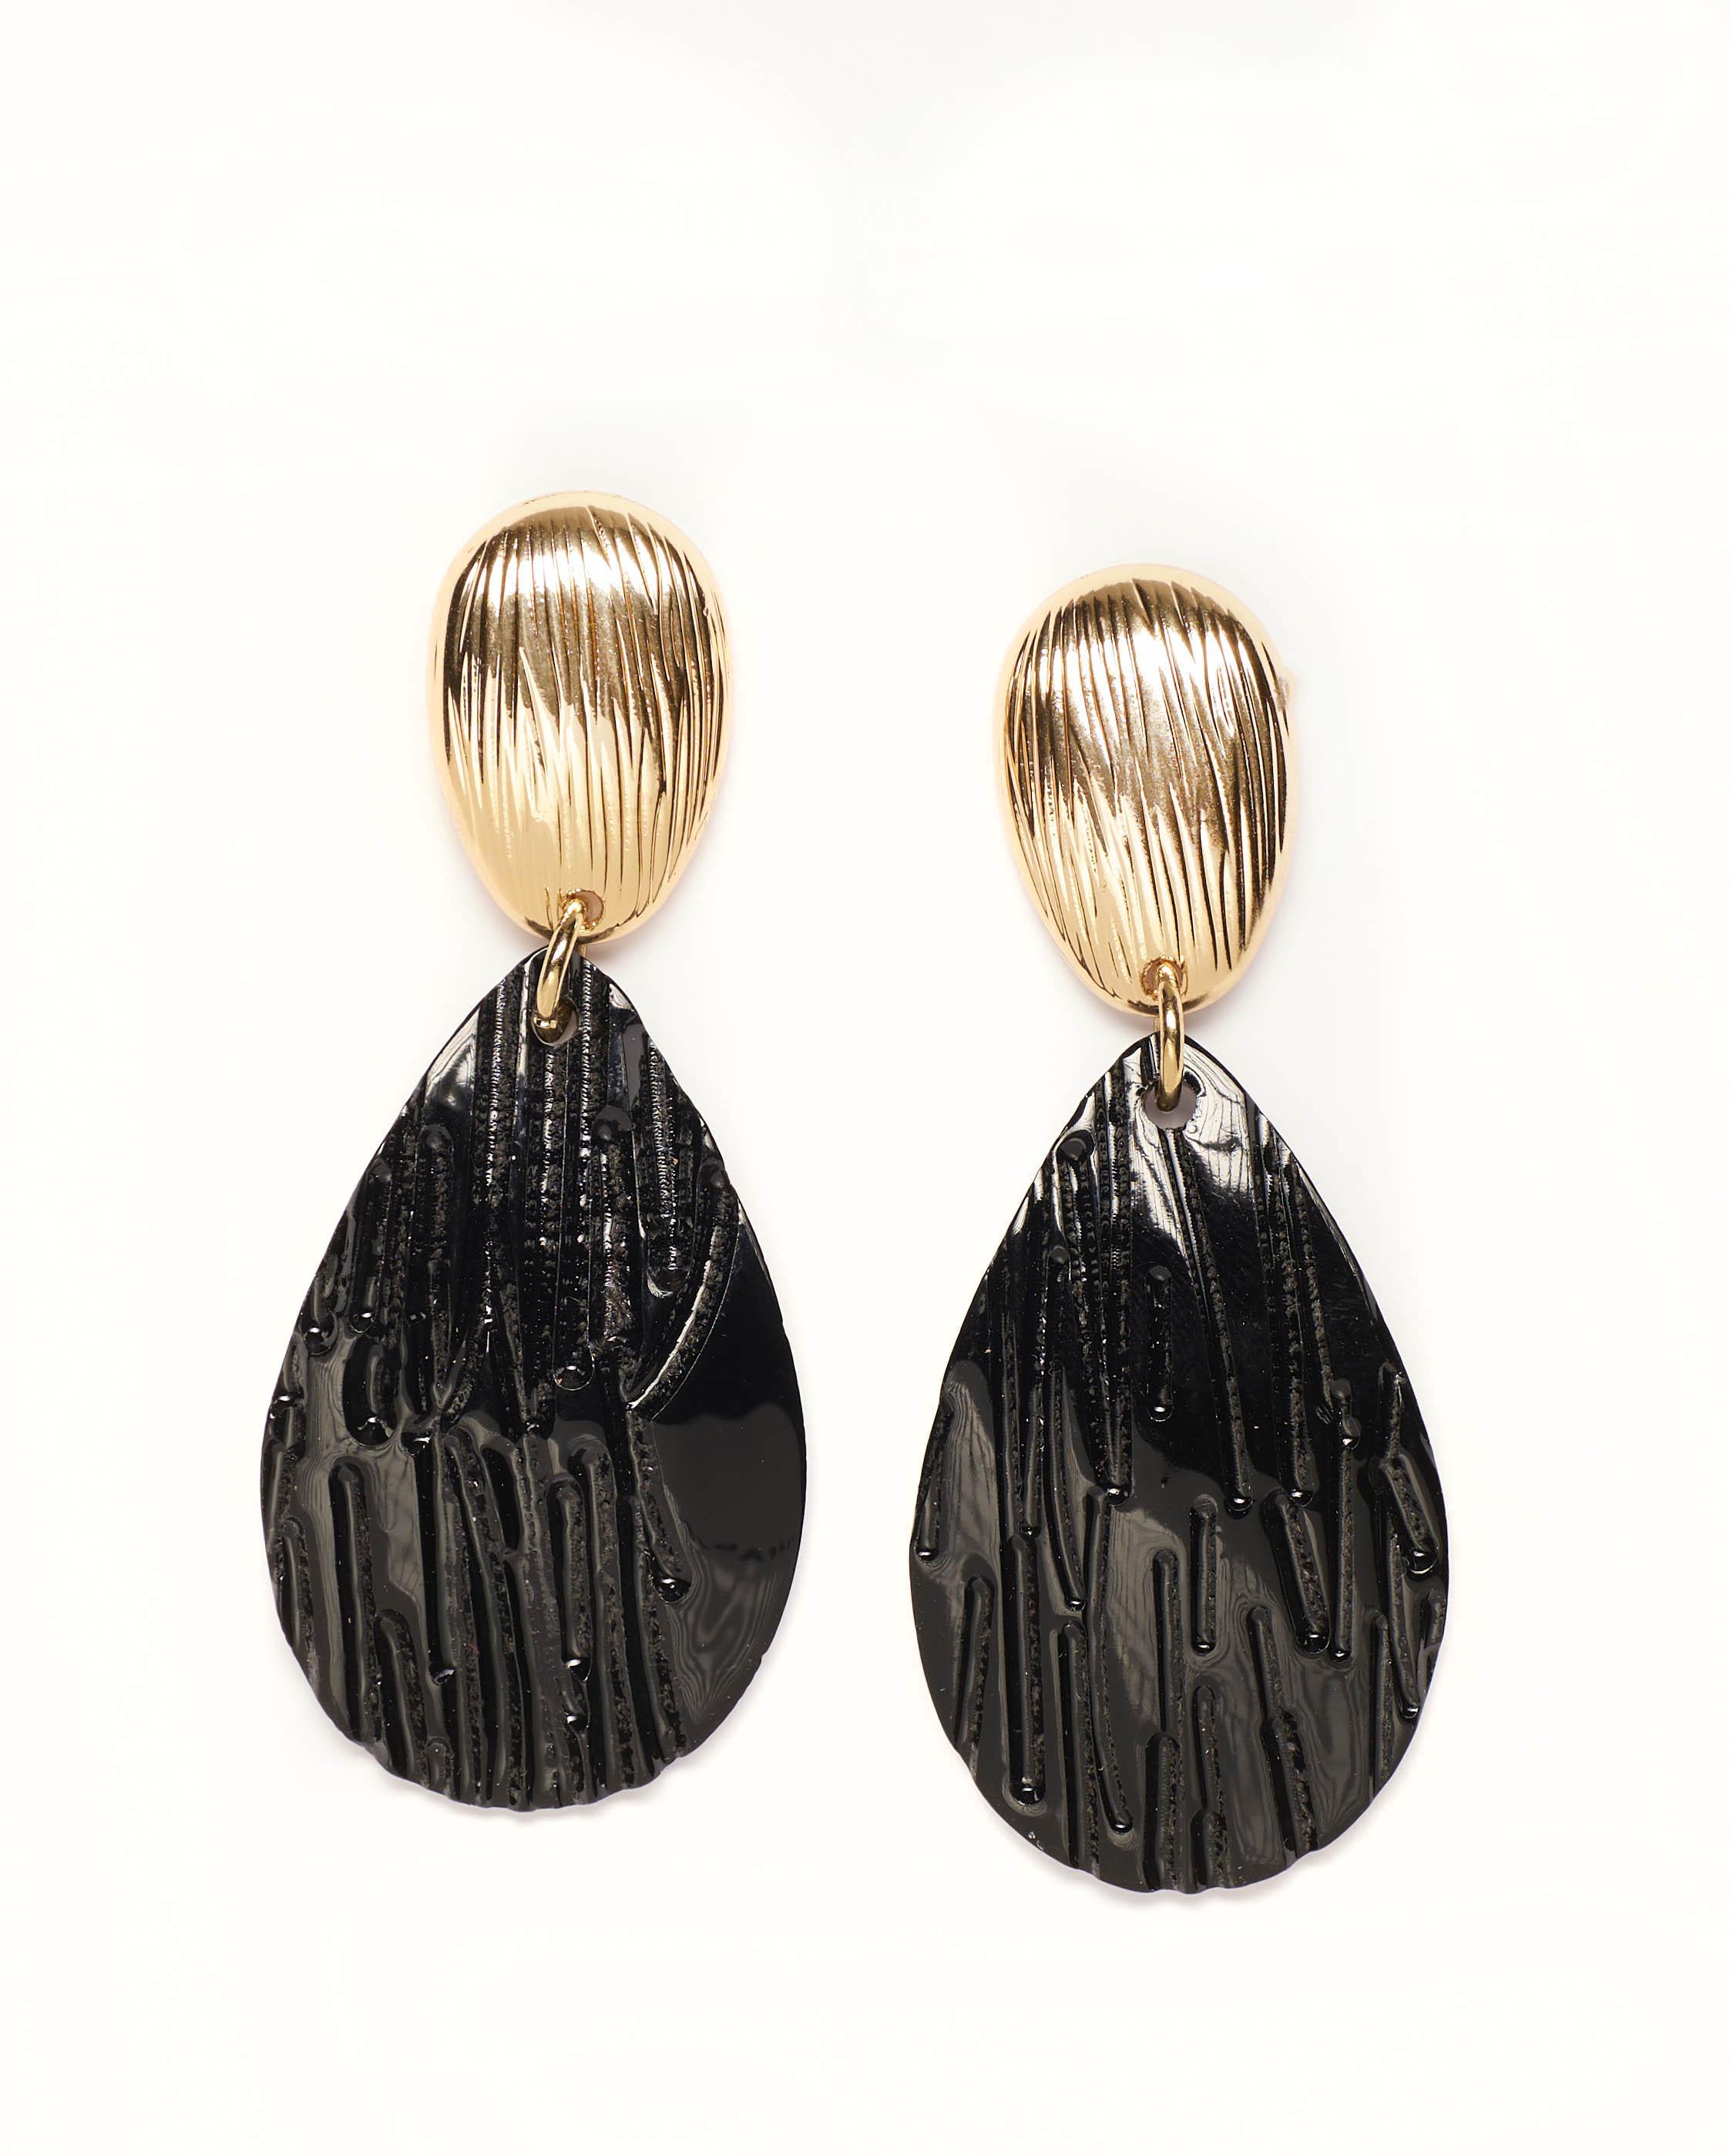 Bijoux Femme - Boucle D'Oreille Noir Jina - 36286